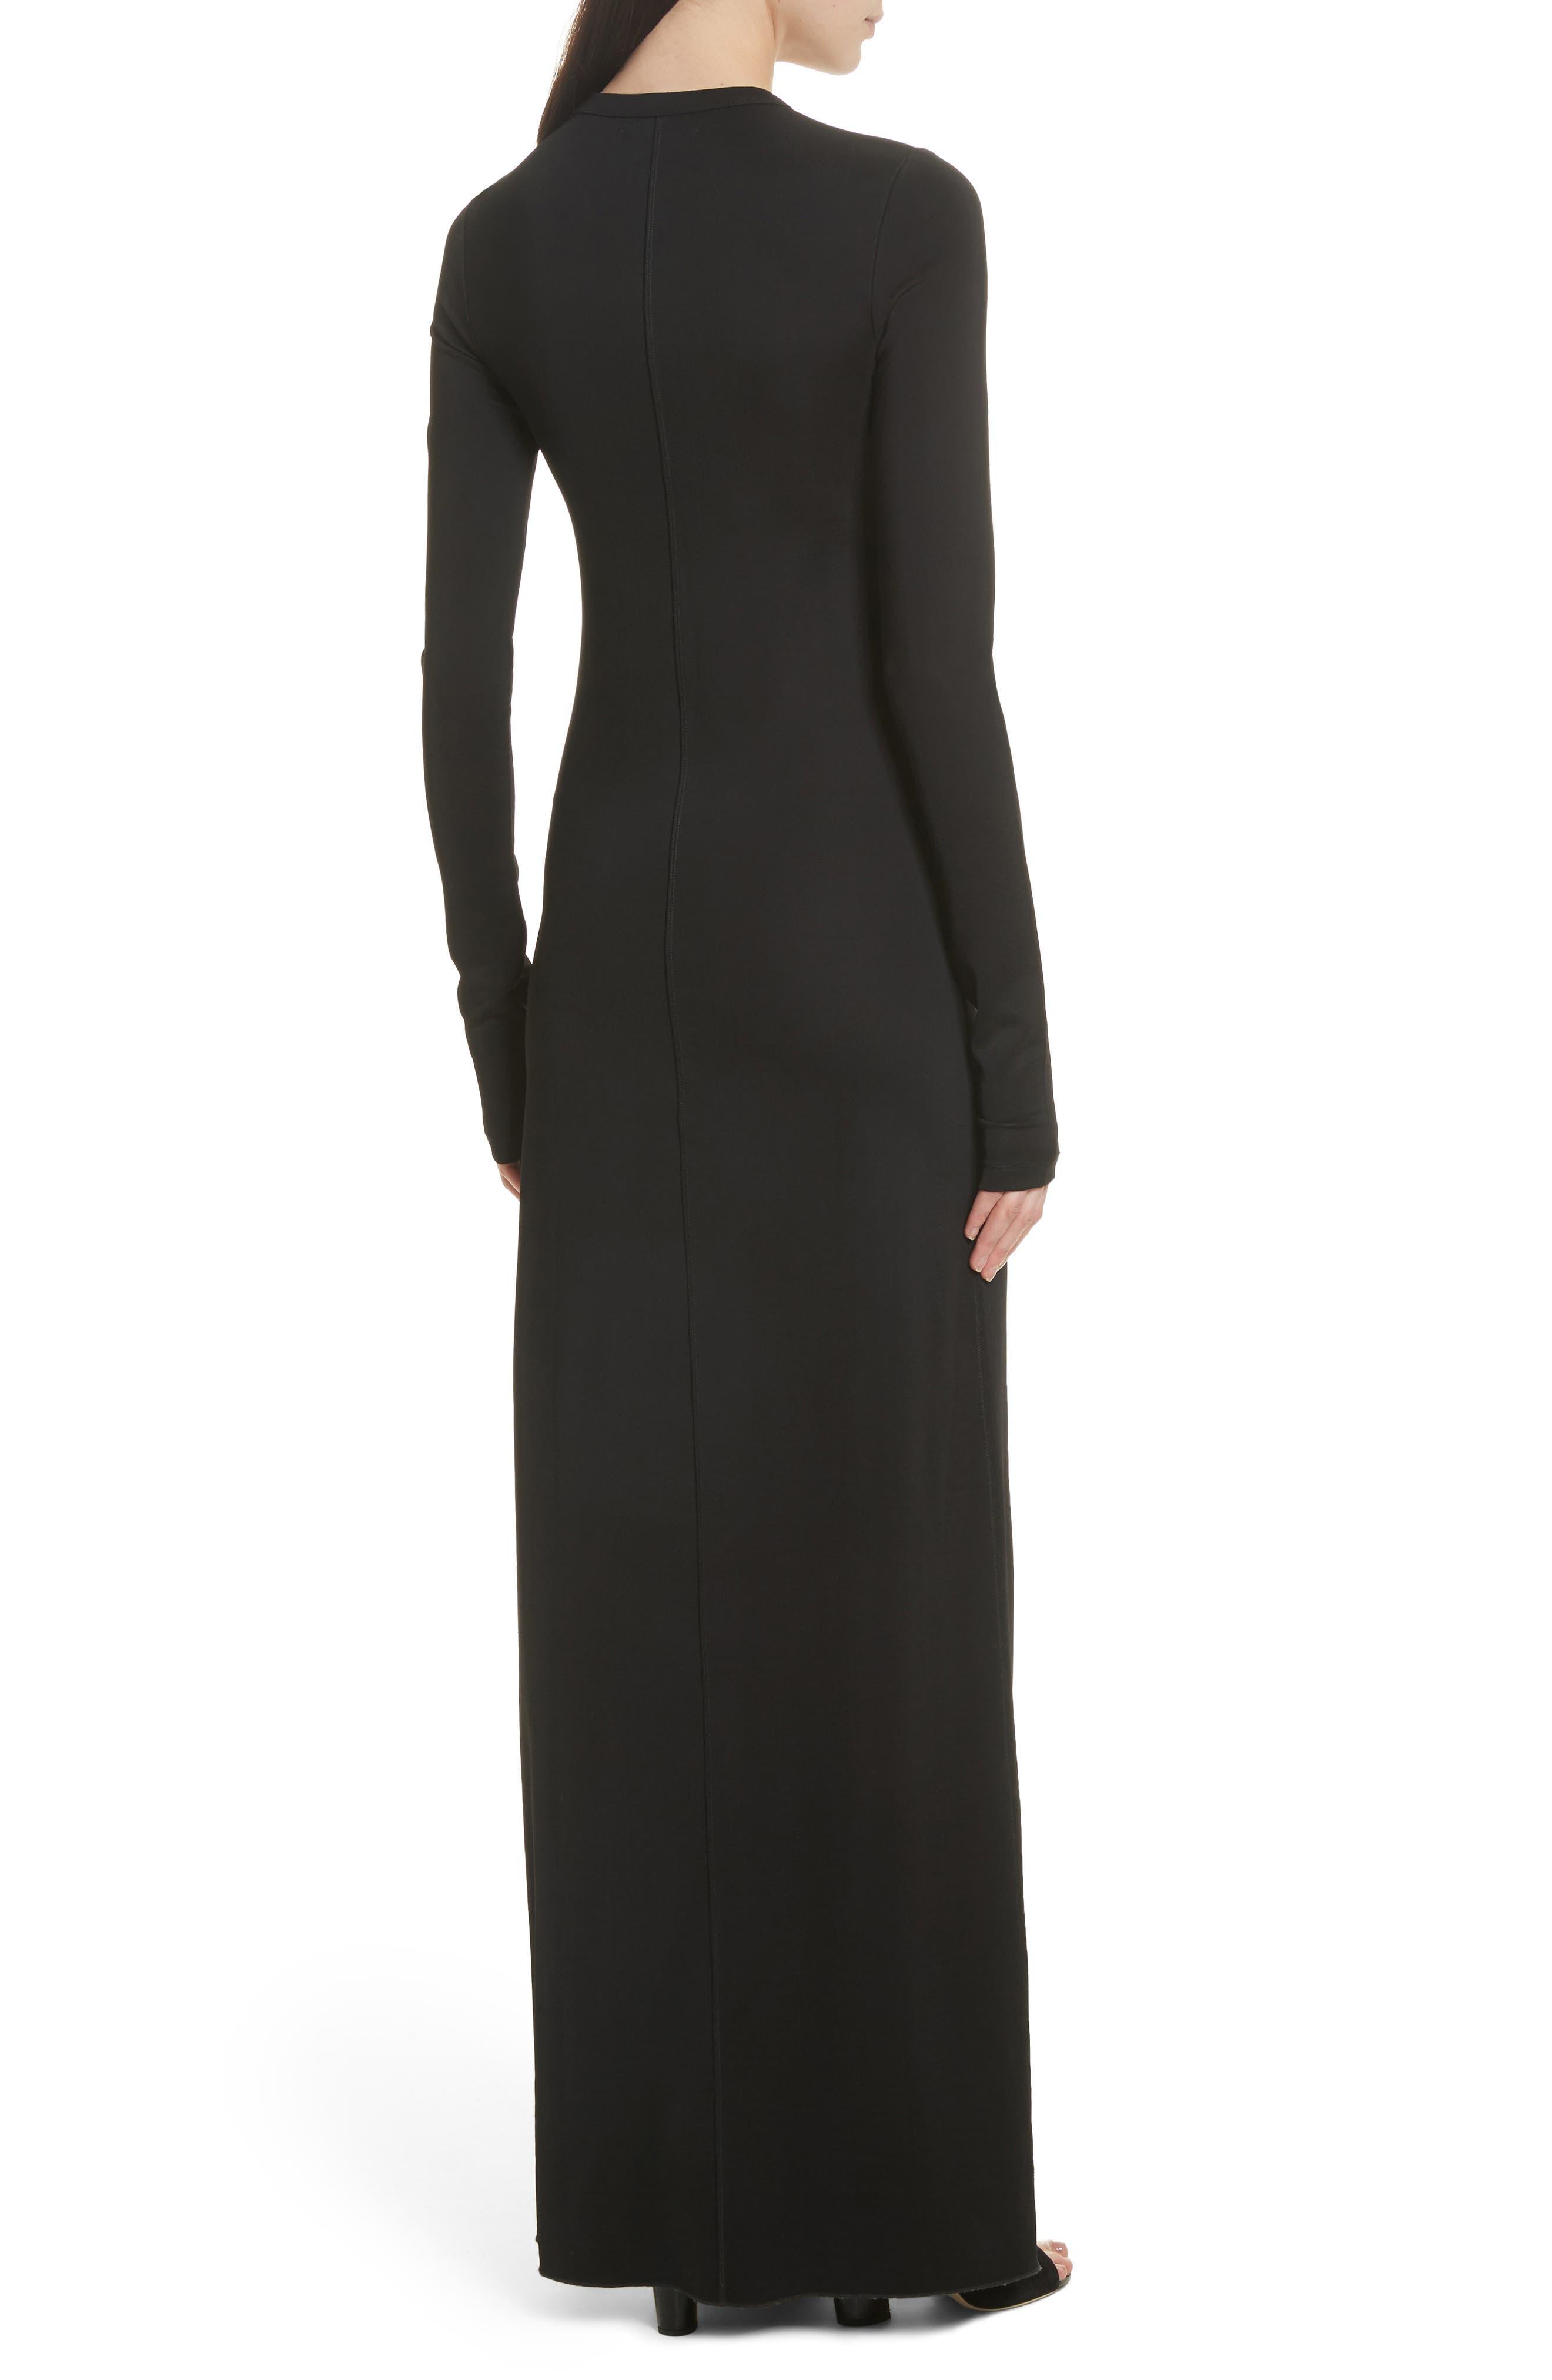 Fallon Slit Skirt Jersey Maxi Dress,                             Alternate thumbnail 2, color,                             001